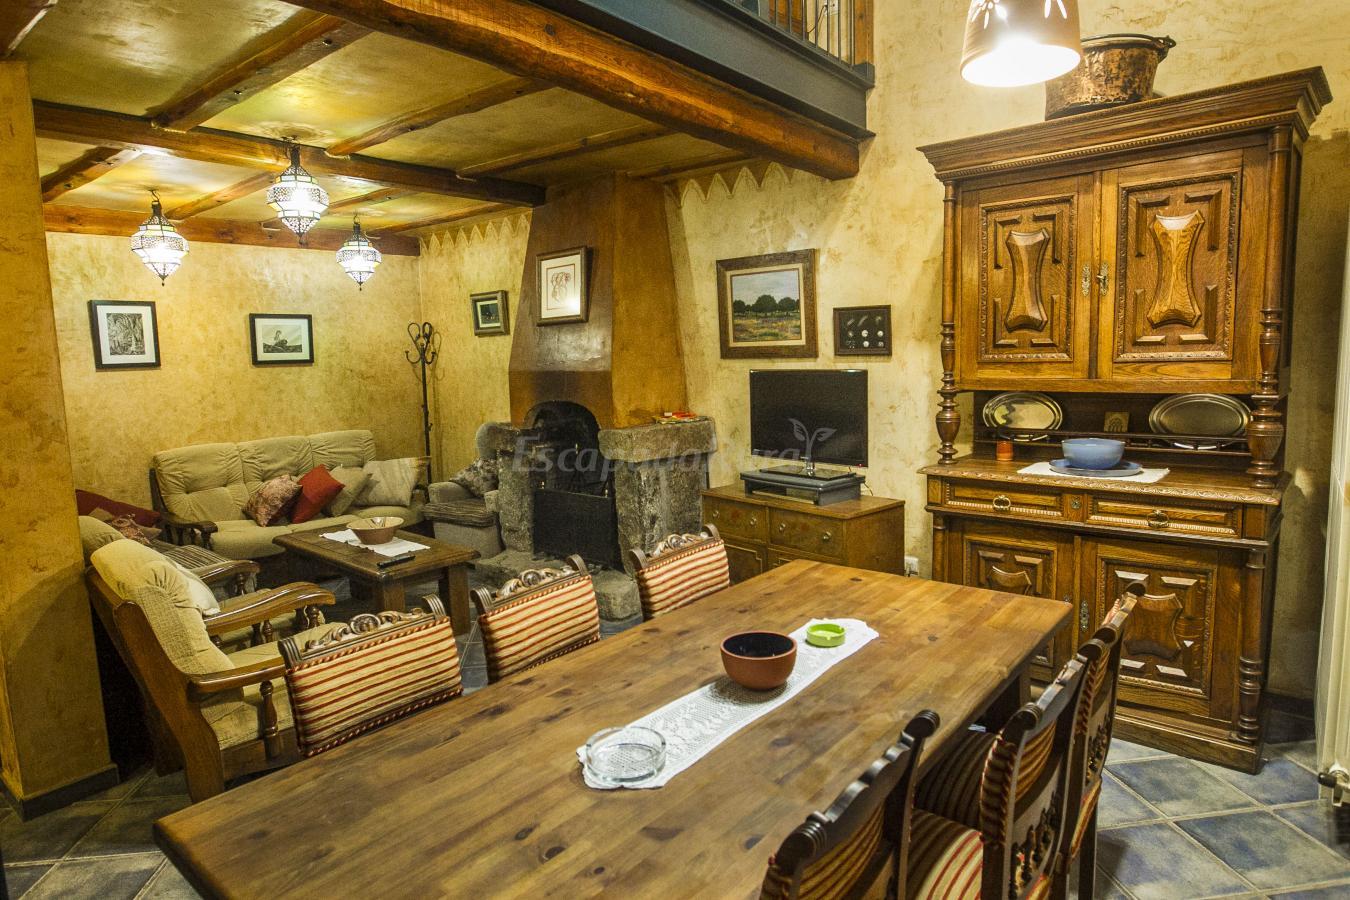 Fotos de el cartero casa rural en carpio de azaba - Fotos de salones de casas ...